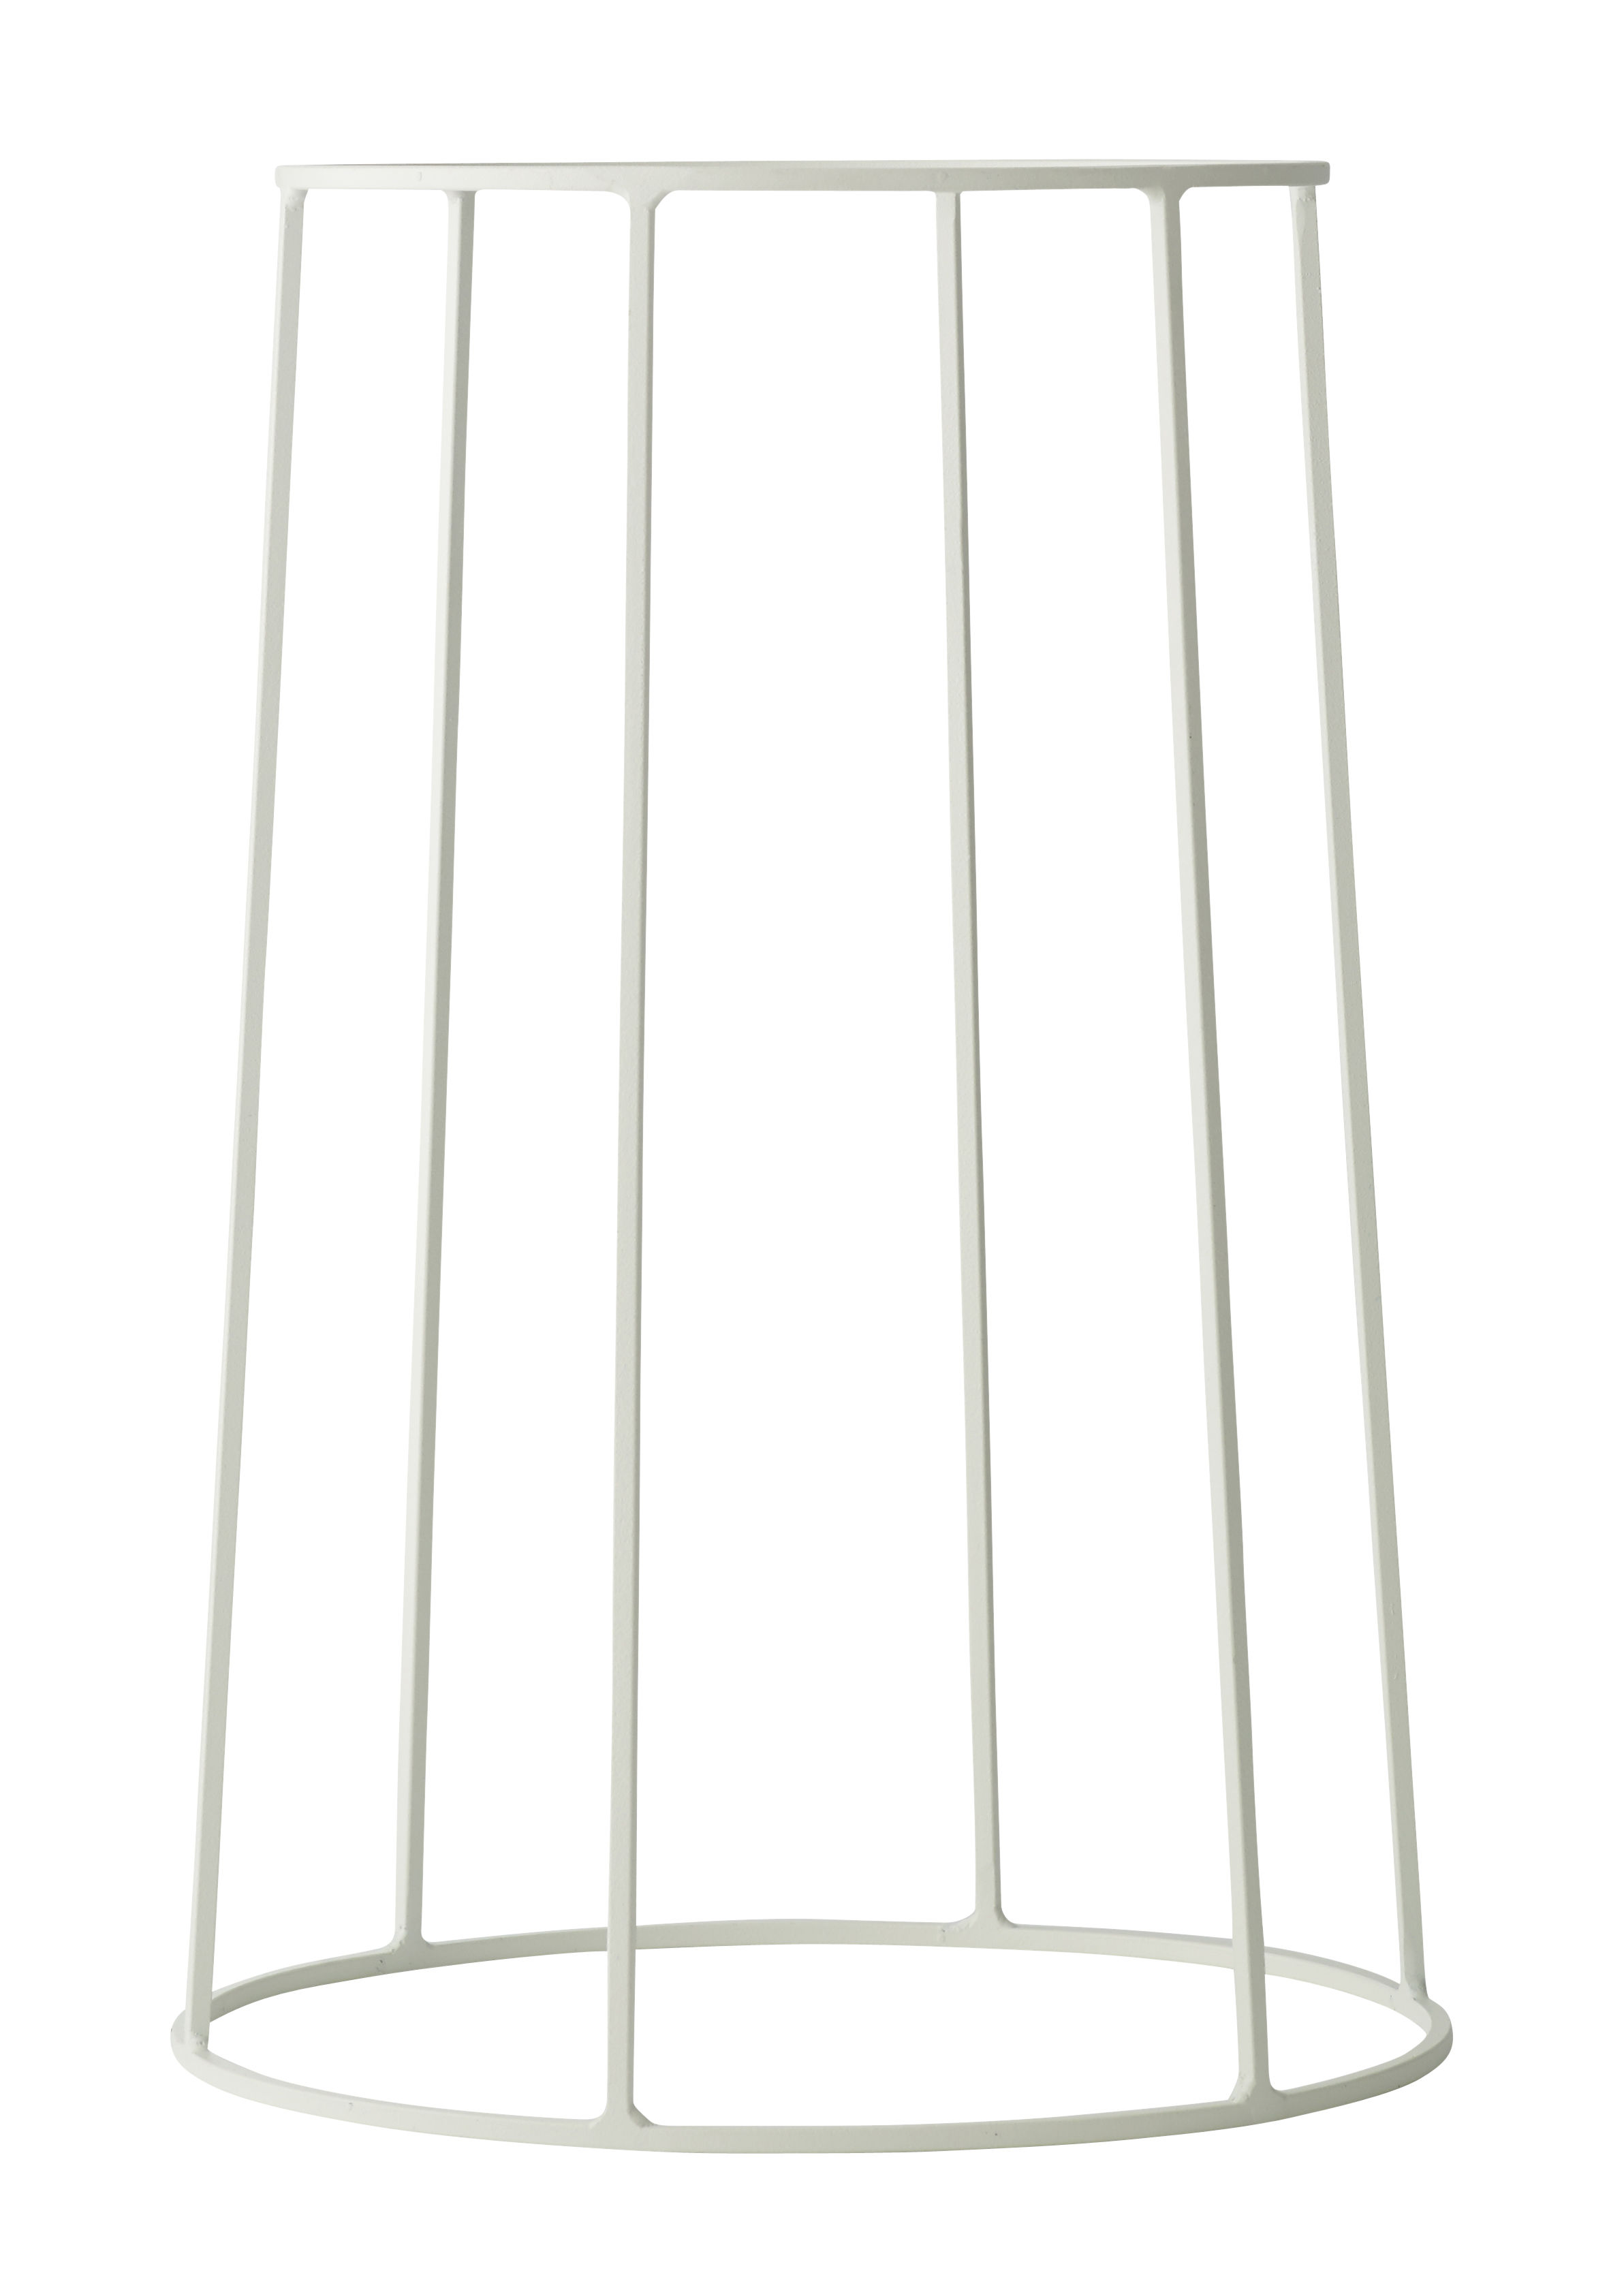 Outdoor - Pots et plantes - Support / H 40 cm - Pour pot et lampe à huile Wire - Menu - Blanc - Acier laqué mat